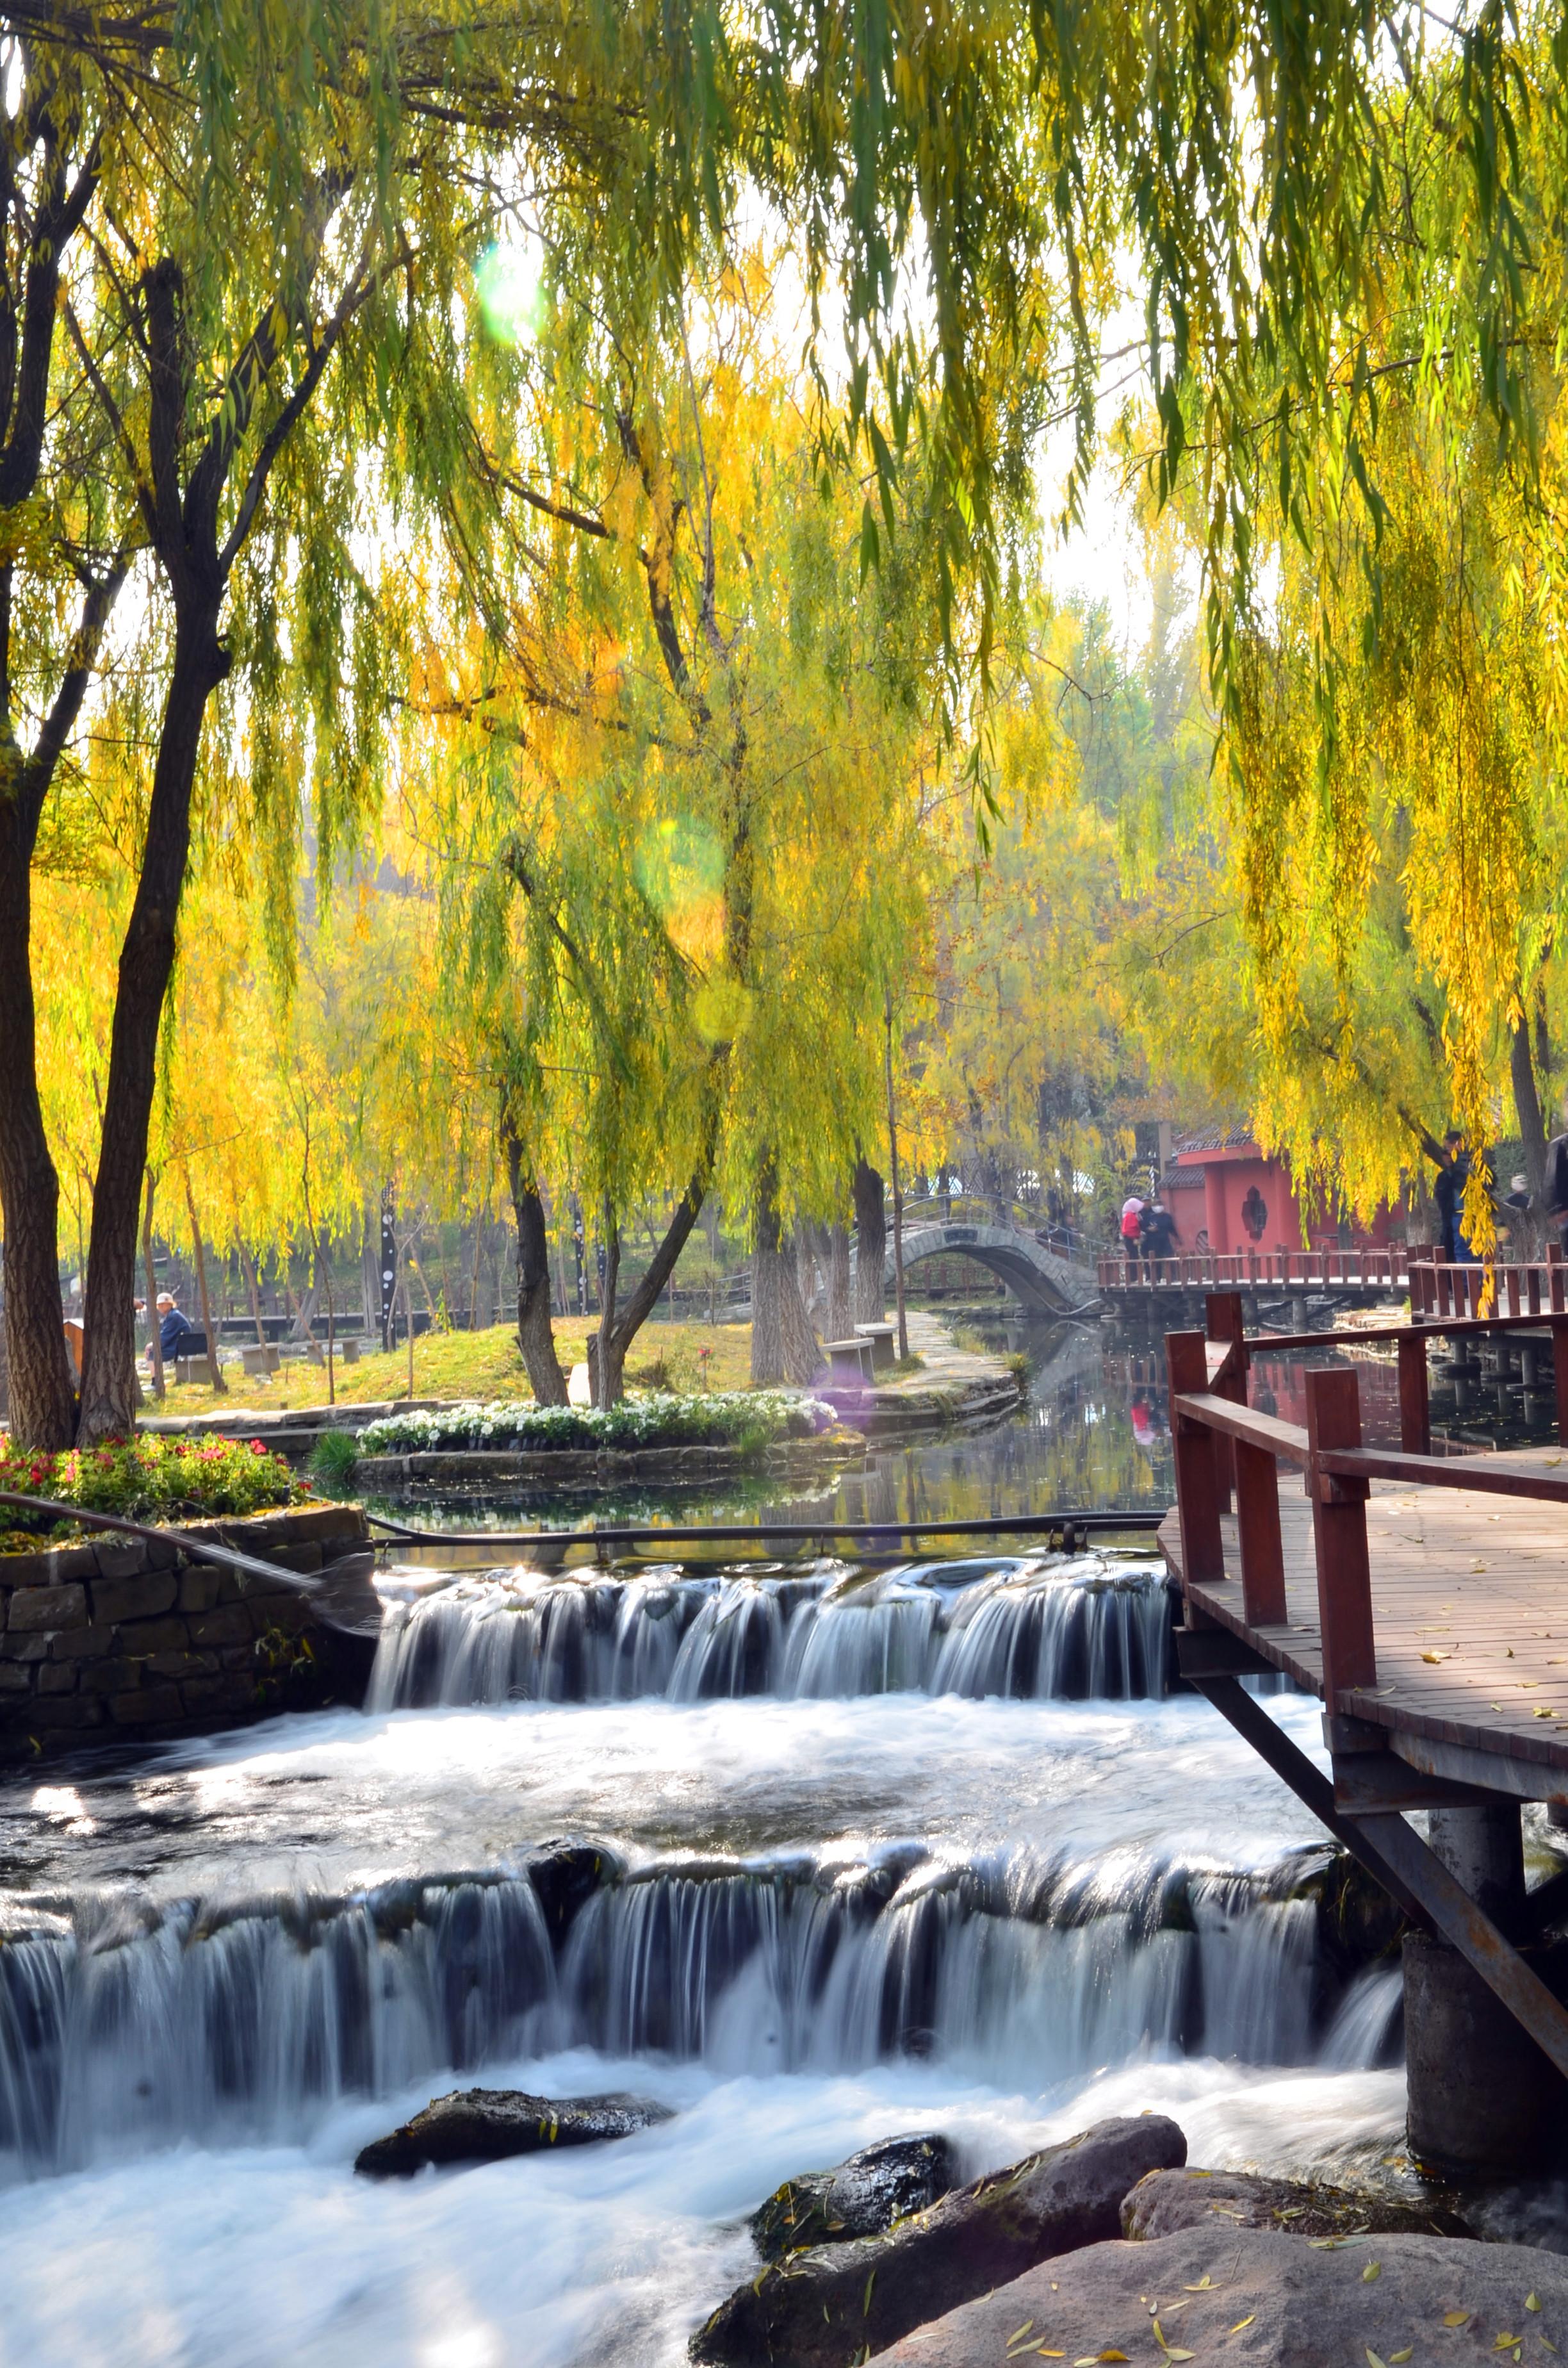 乌鲁木齐水磨沟公园景区